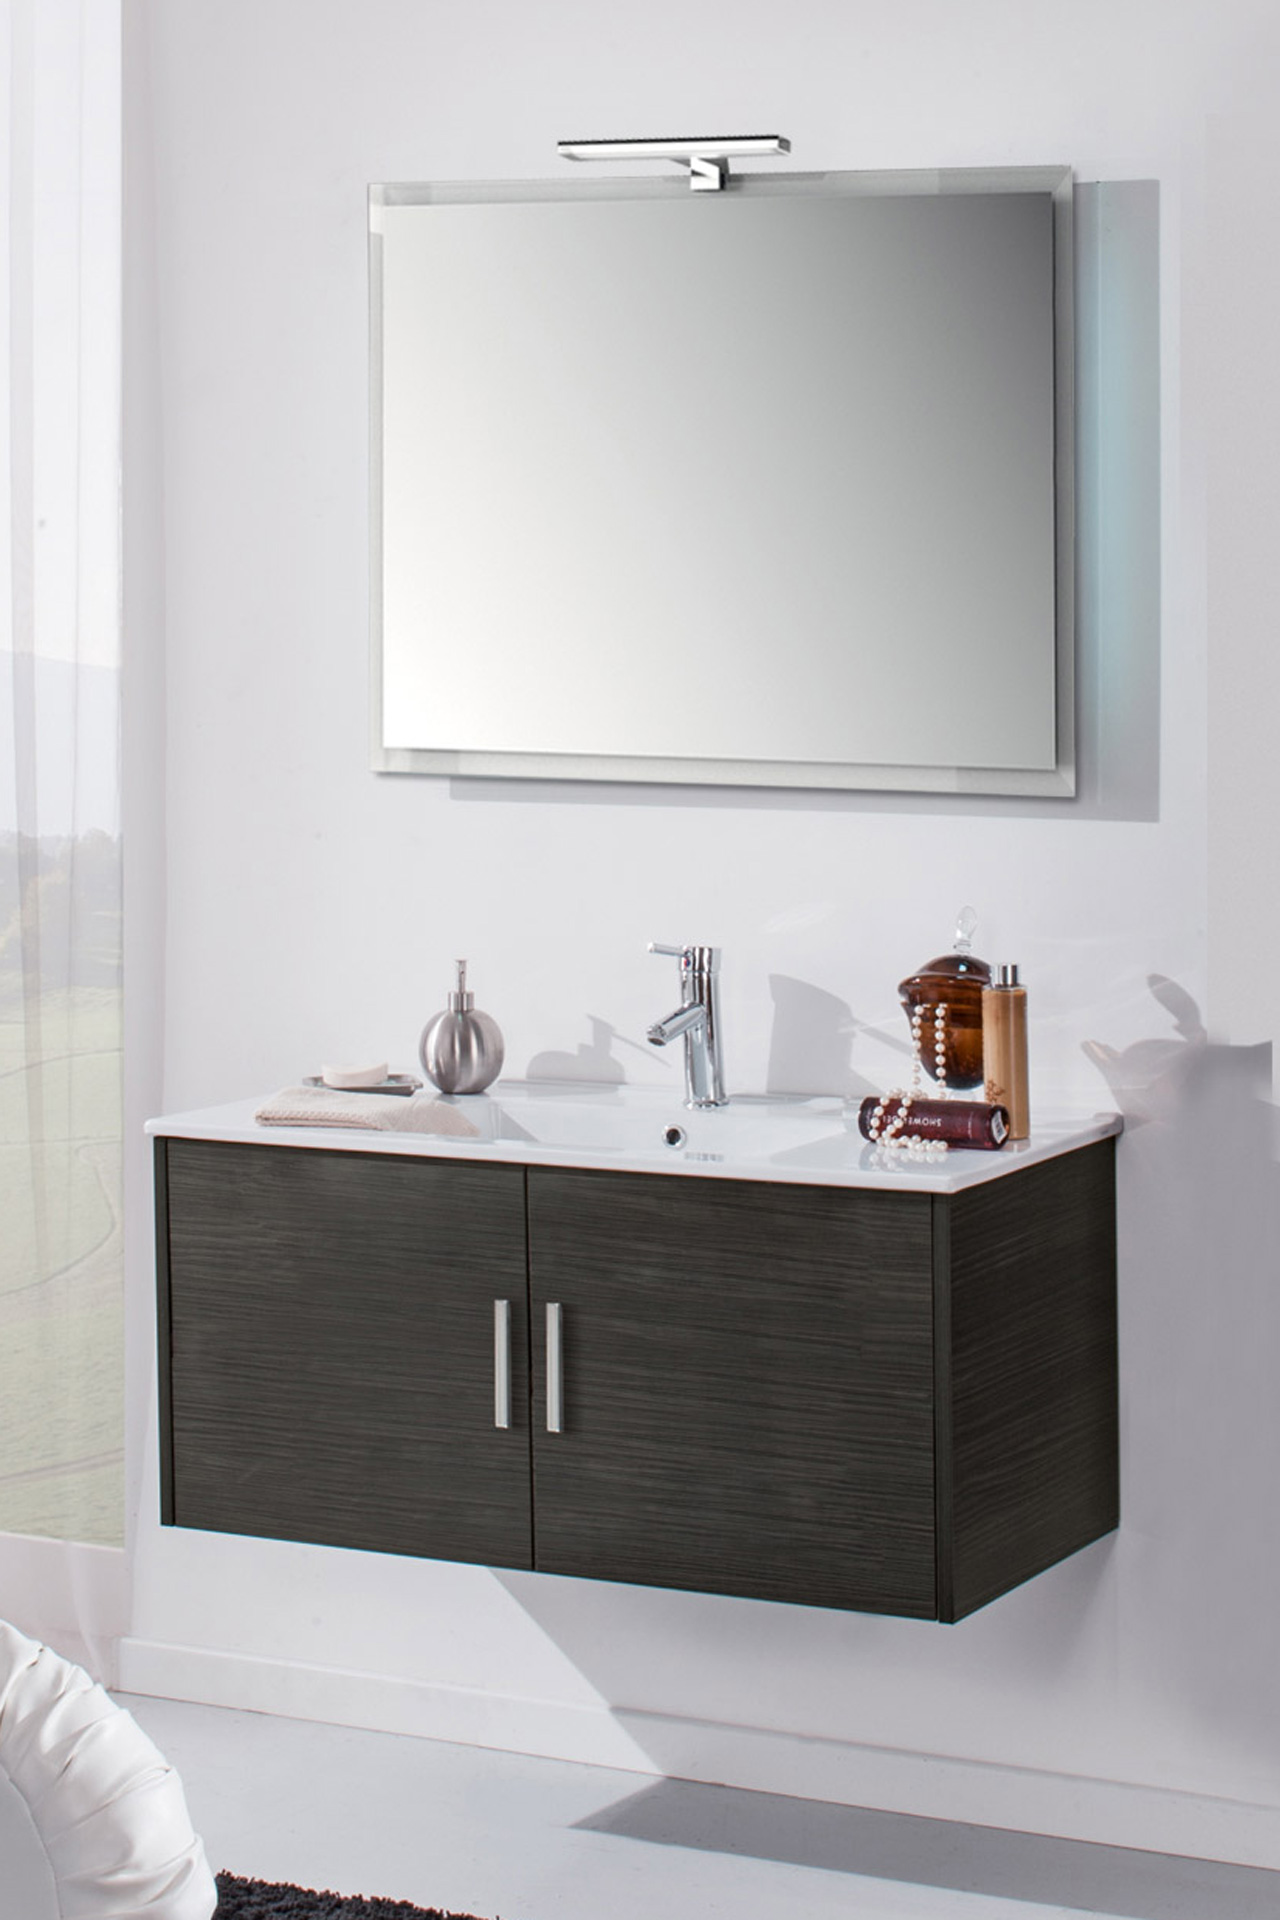 Mobile bagno sospeso 2 ante lavabo specchiera applique led - Lavabo sospeso con mobile ...